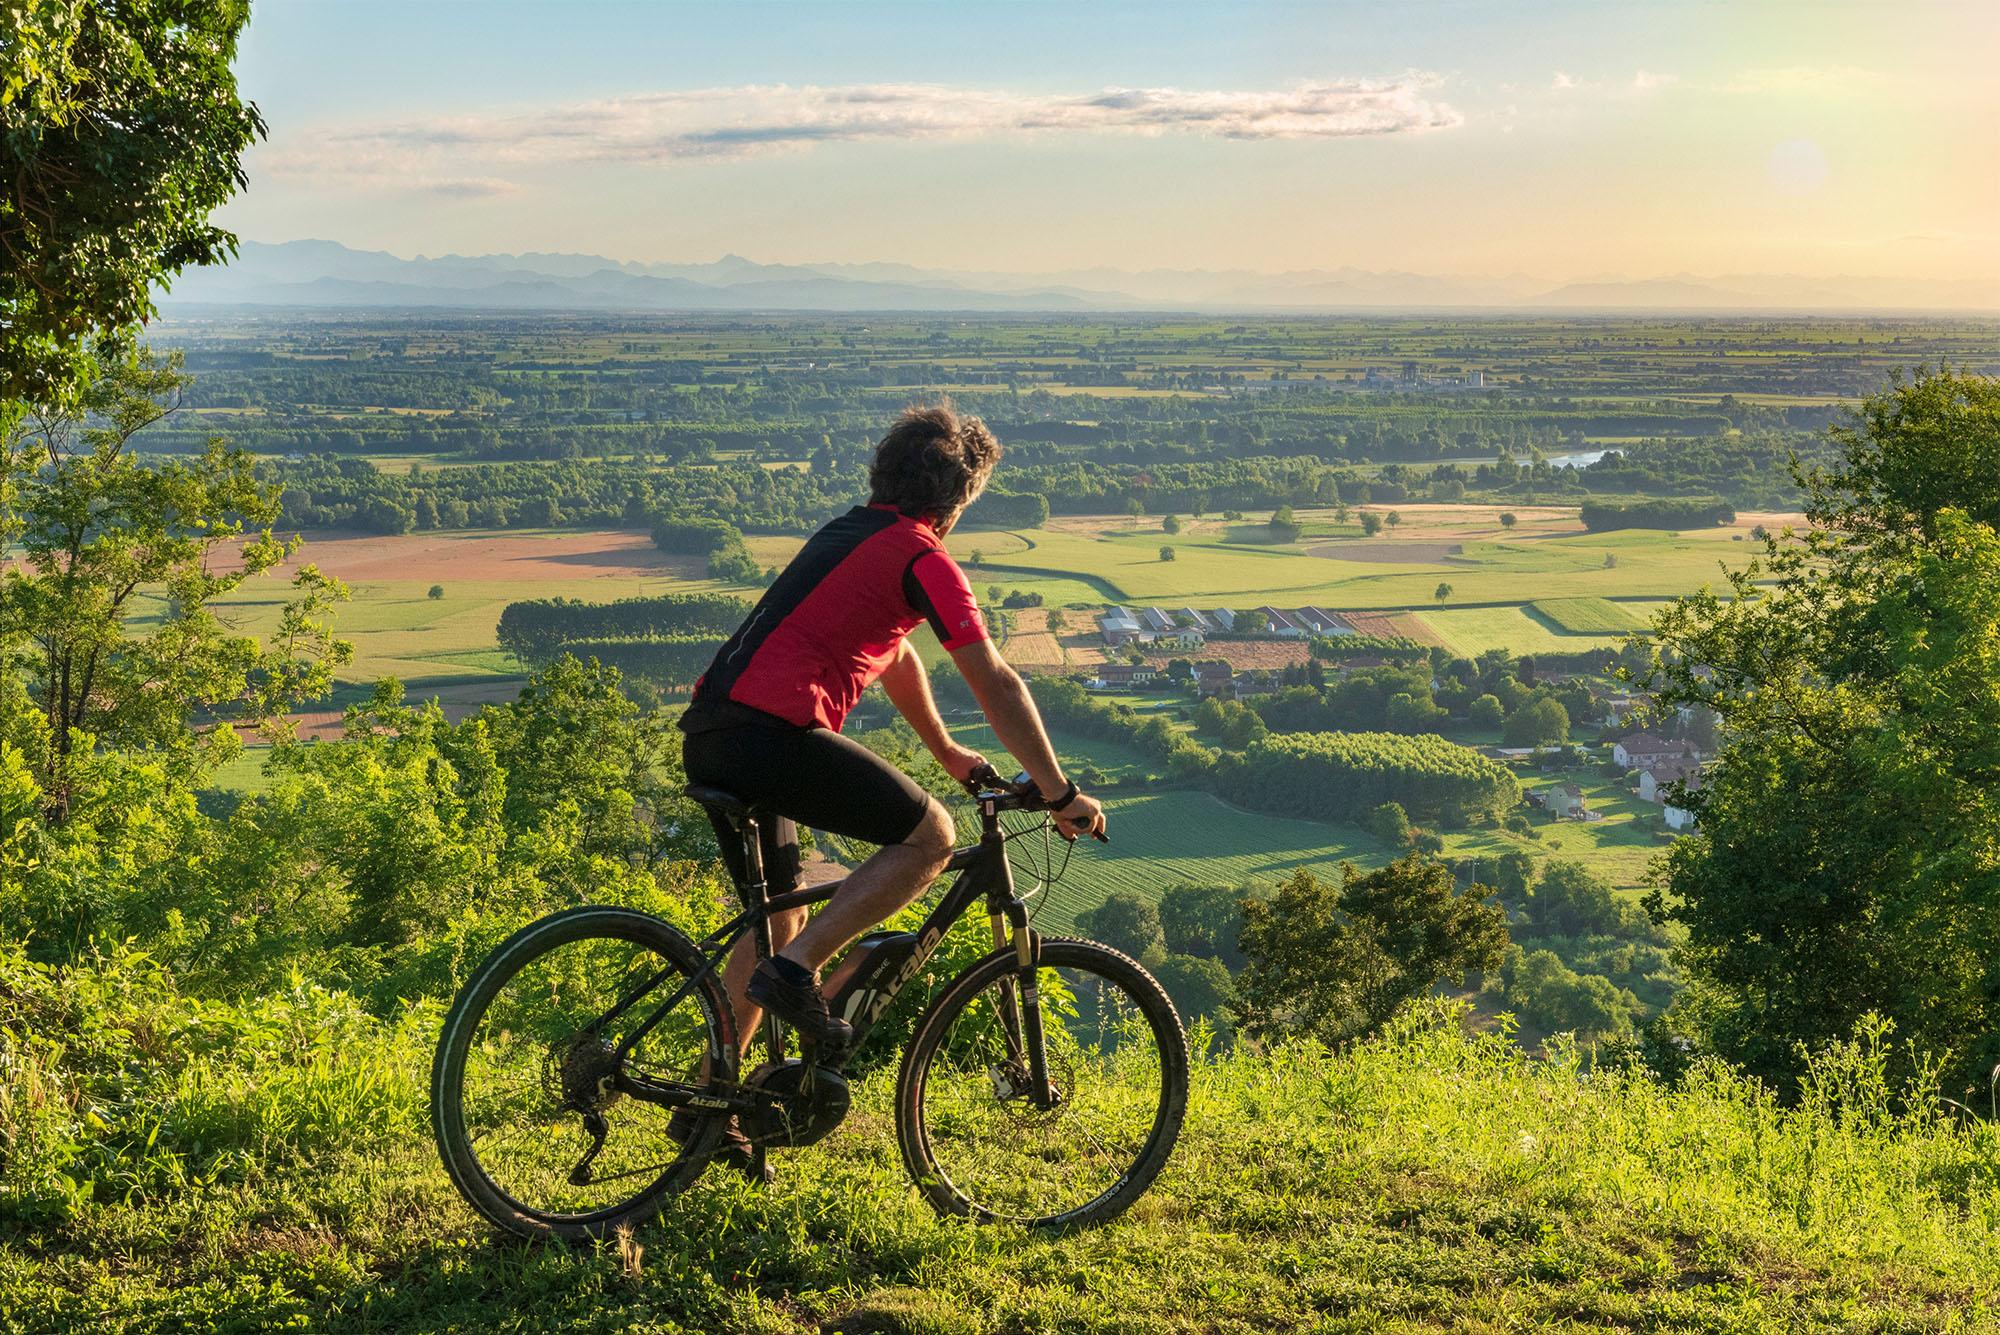 E-bike all'Agriturismo Parco del Grep - Monferrato, Piemonte